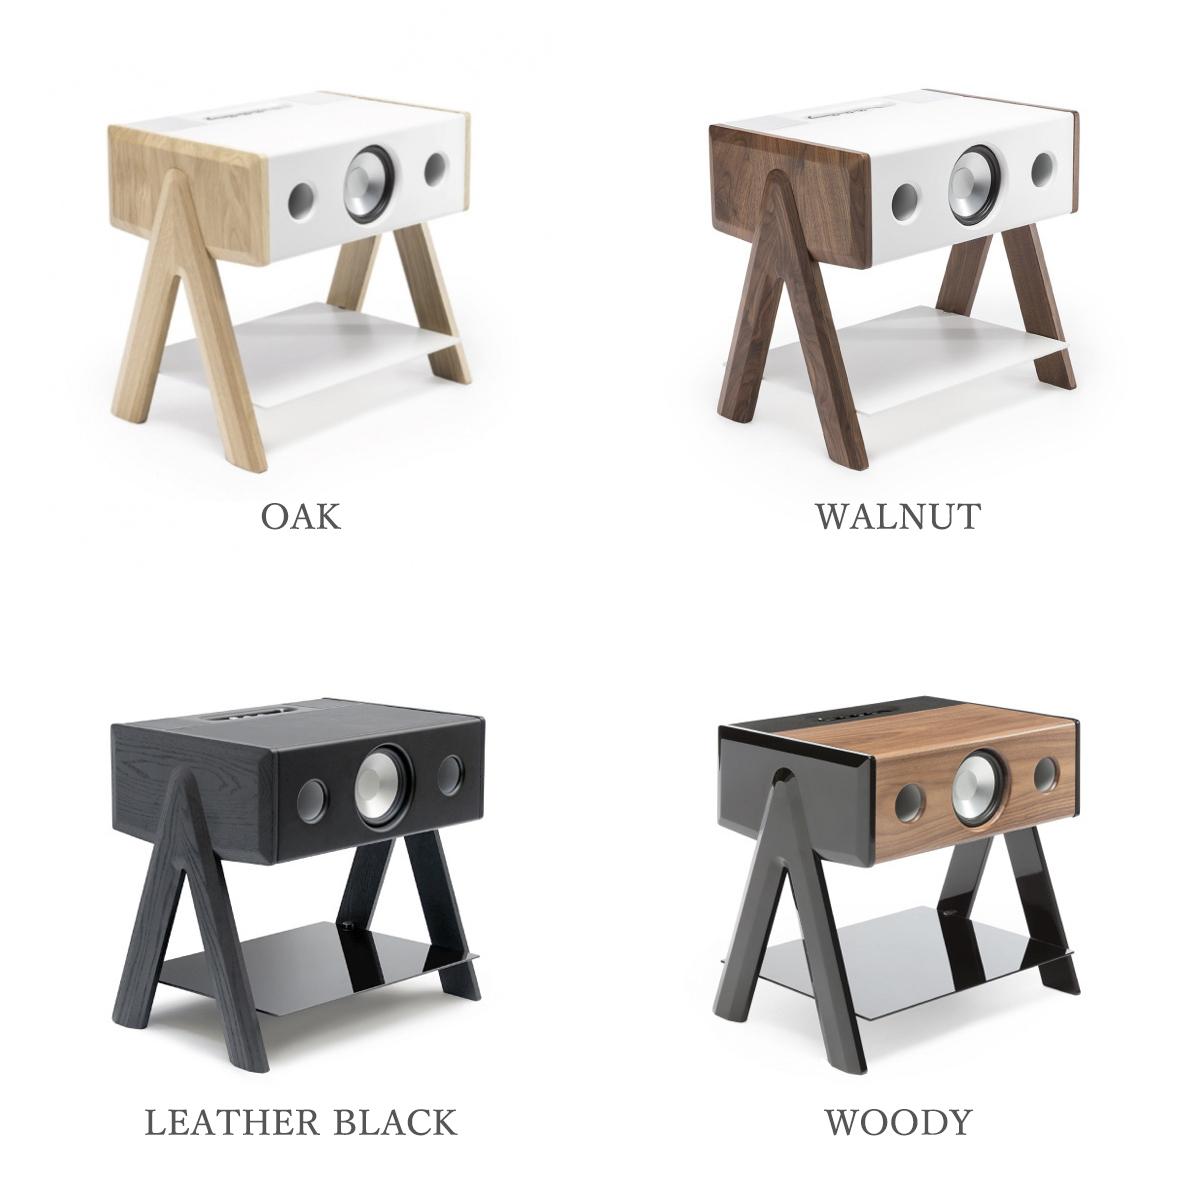 洗練されたデザインは、世界的なデザイン賞「レッド・ドット」を受賞した、サミュエル・アコセベリー氏によるもの。美しい家具のような高級スピーカー・オーディオ家具|La Boite Concept CUBE(ラ ボアット コンセプト キューブ)